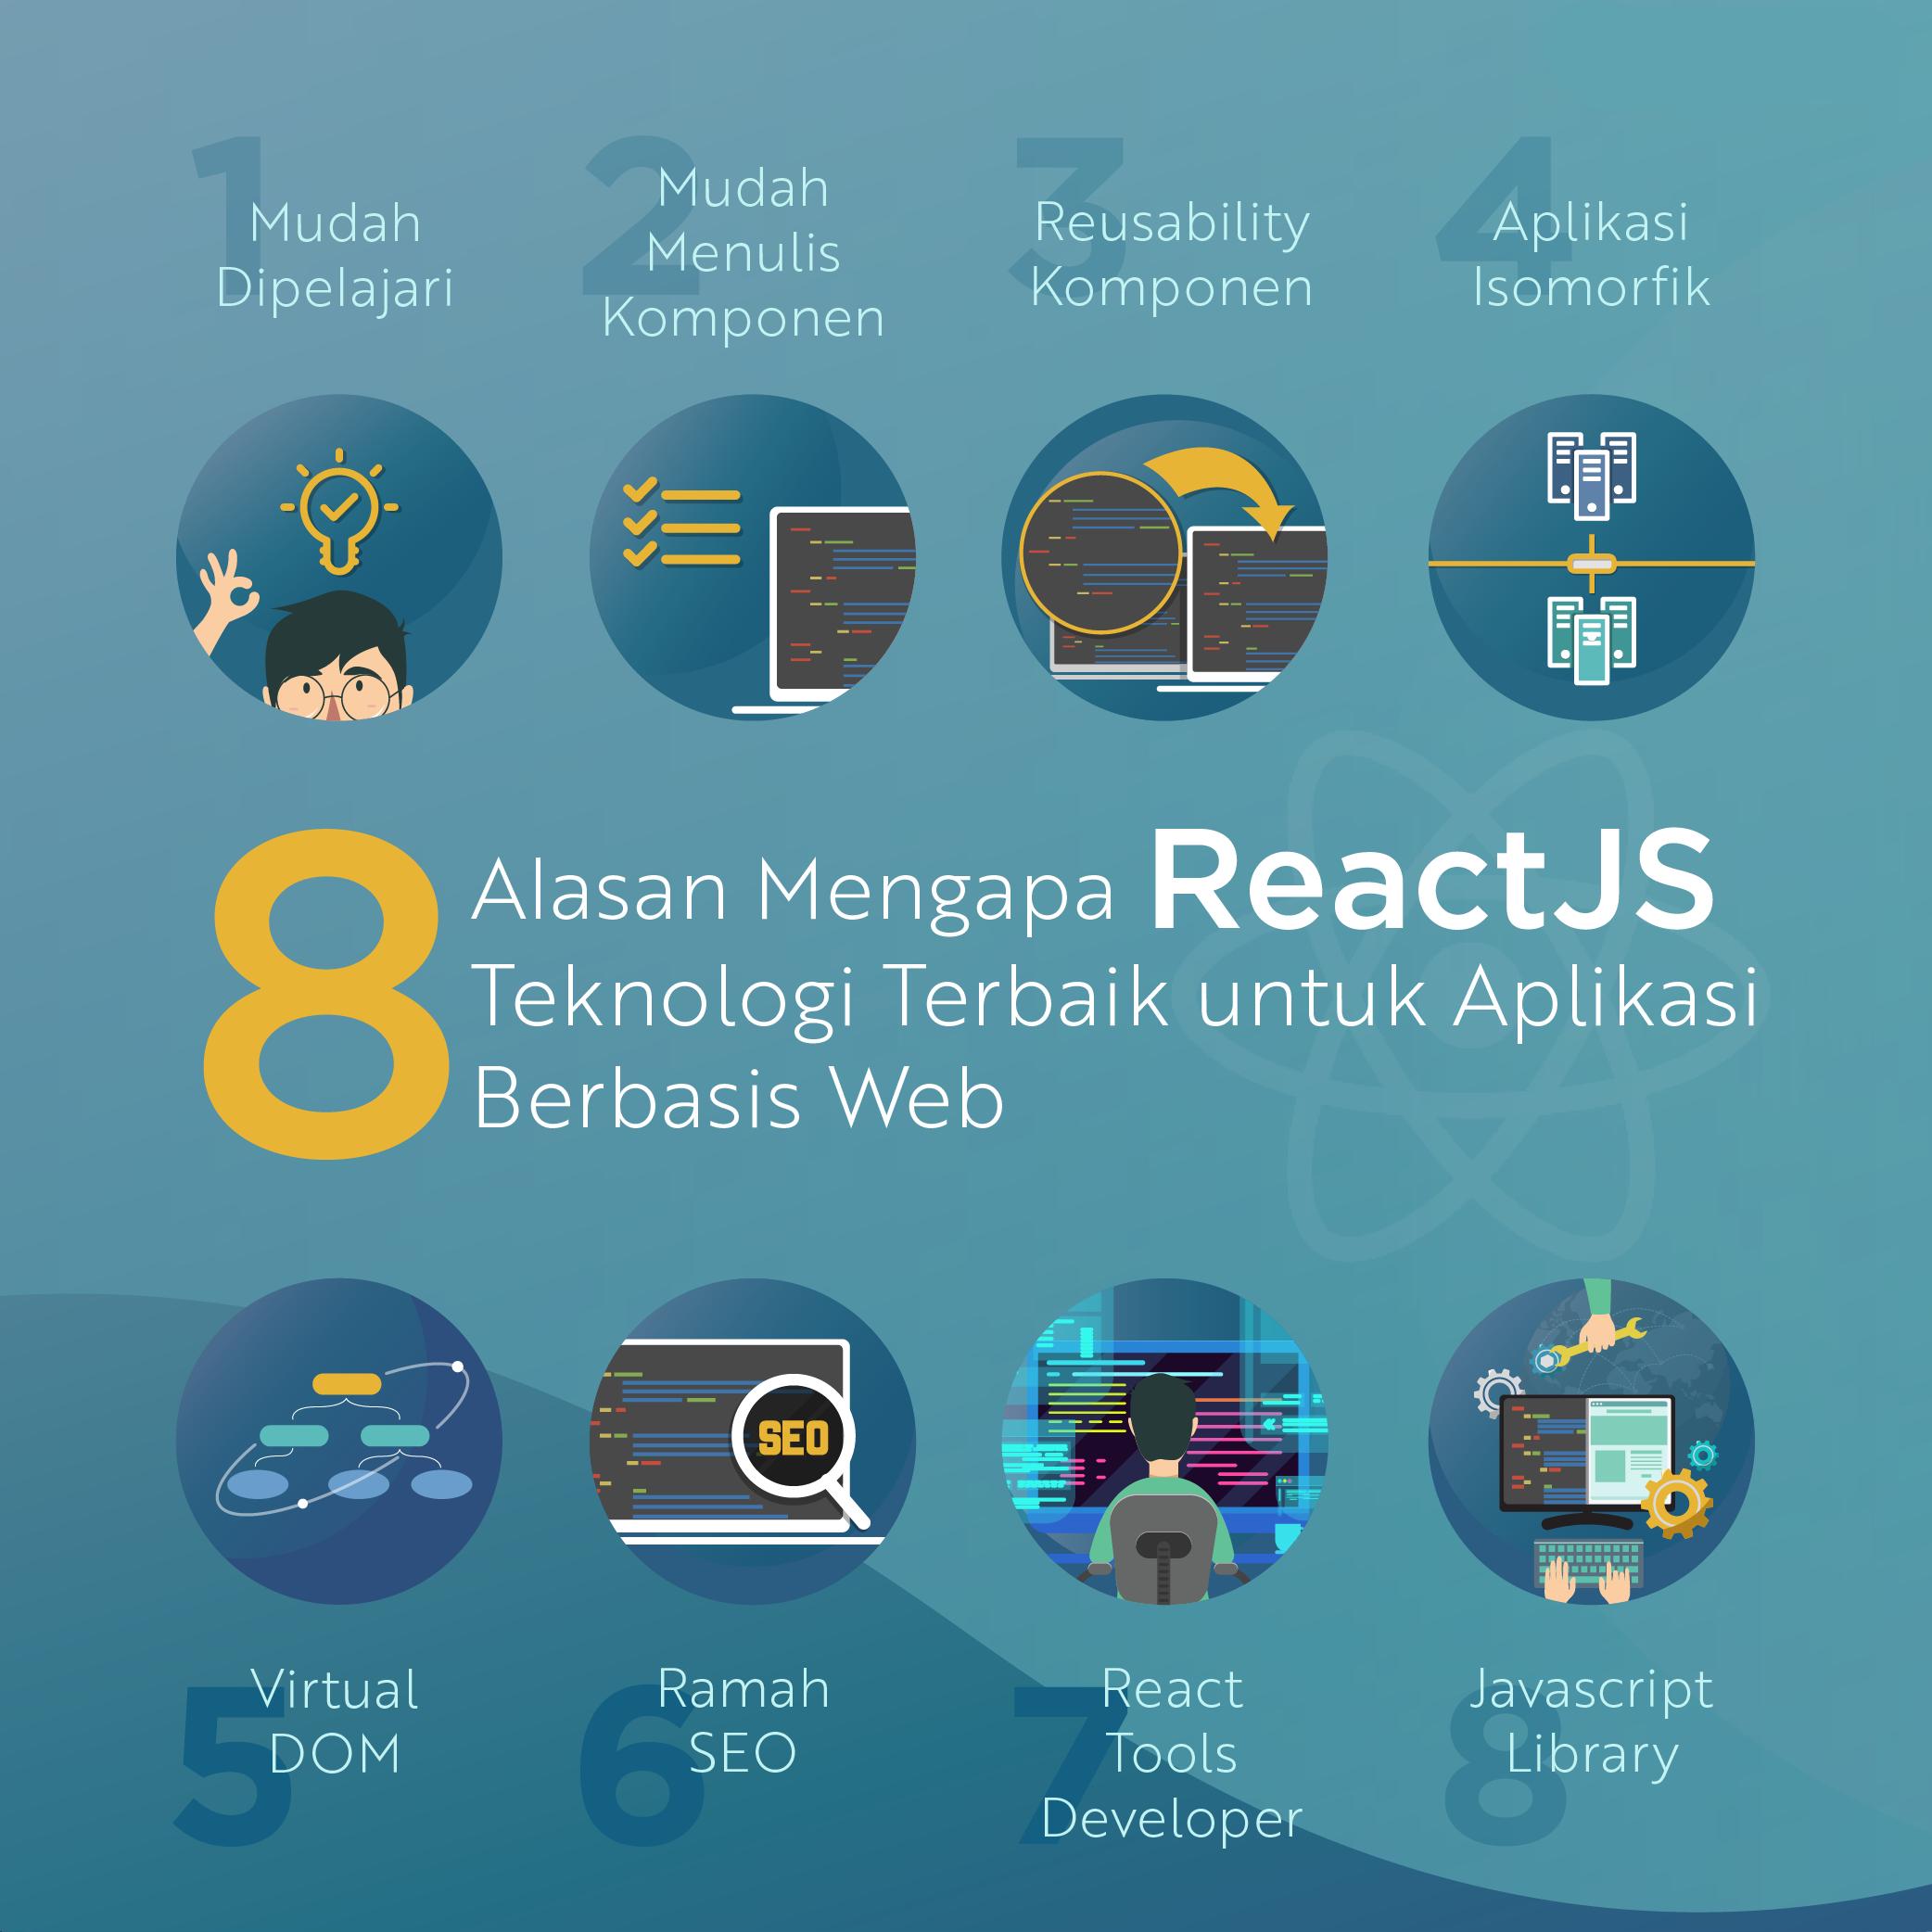 8 Alasan Mengapa React JS adalah Teknologi Terbaik untuk Aplikasi Berbasis Web